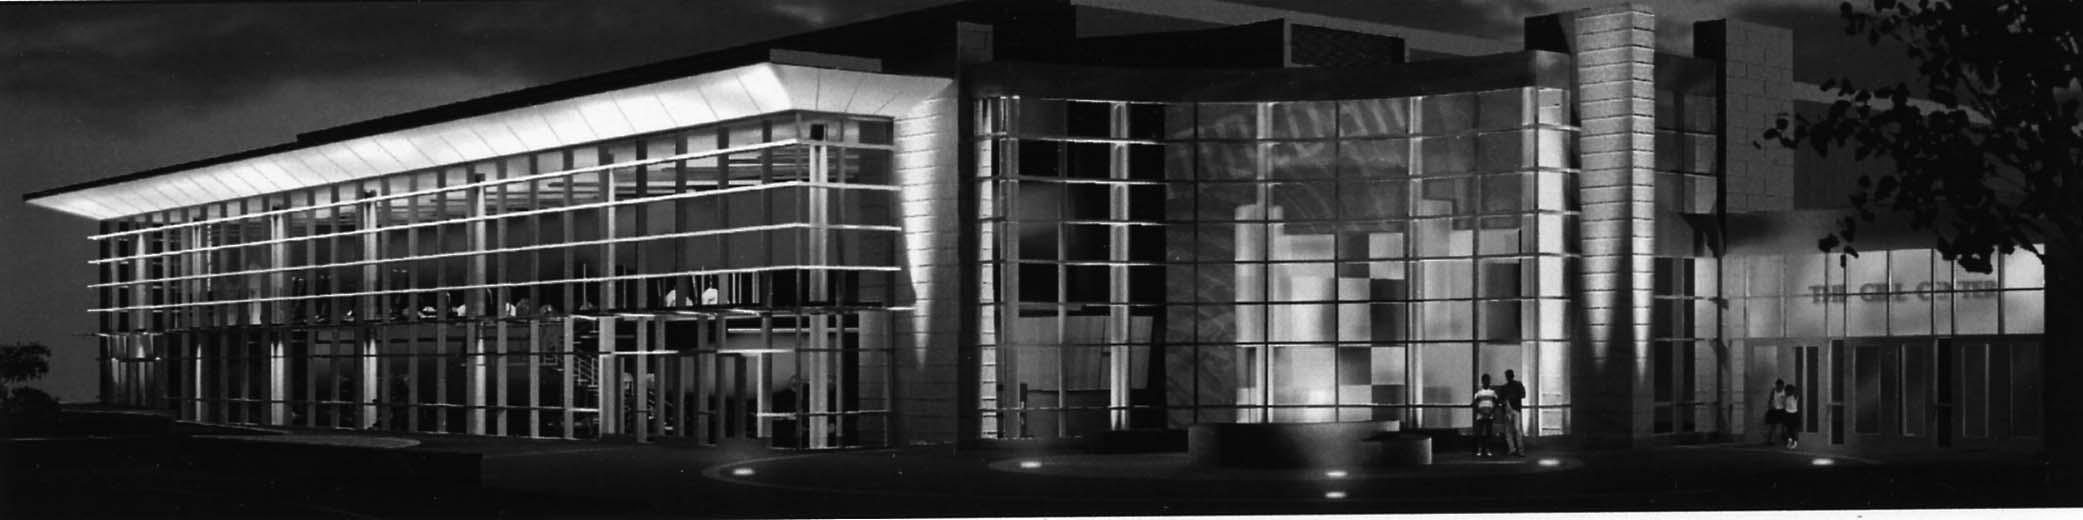 Leroy Merritt Fitness Center and Klitzberg Pavilion